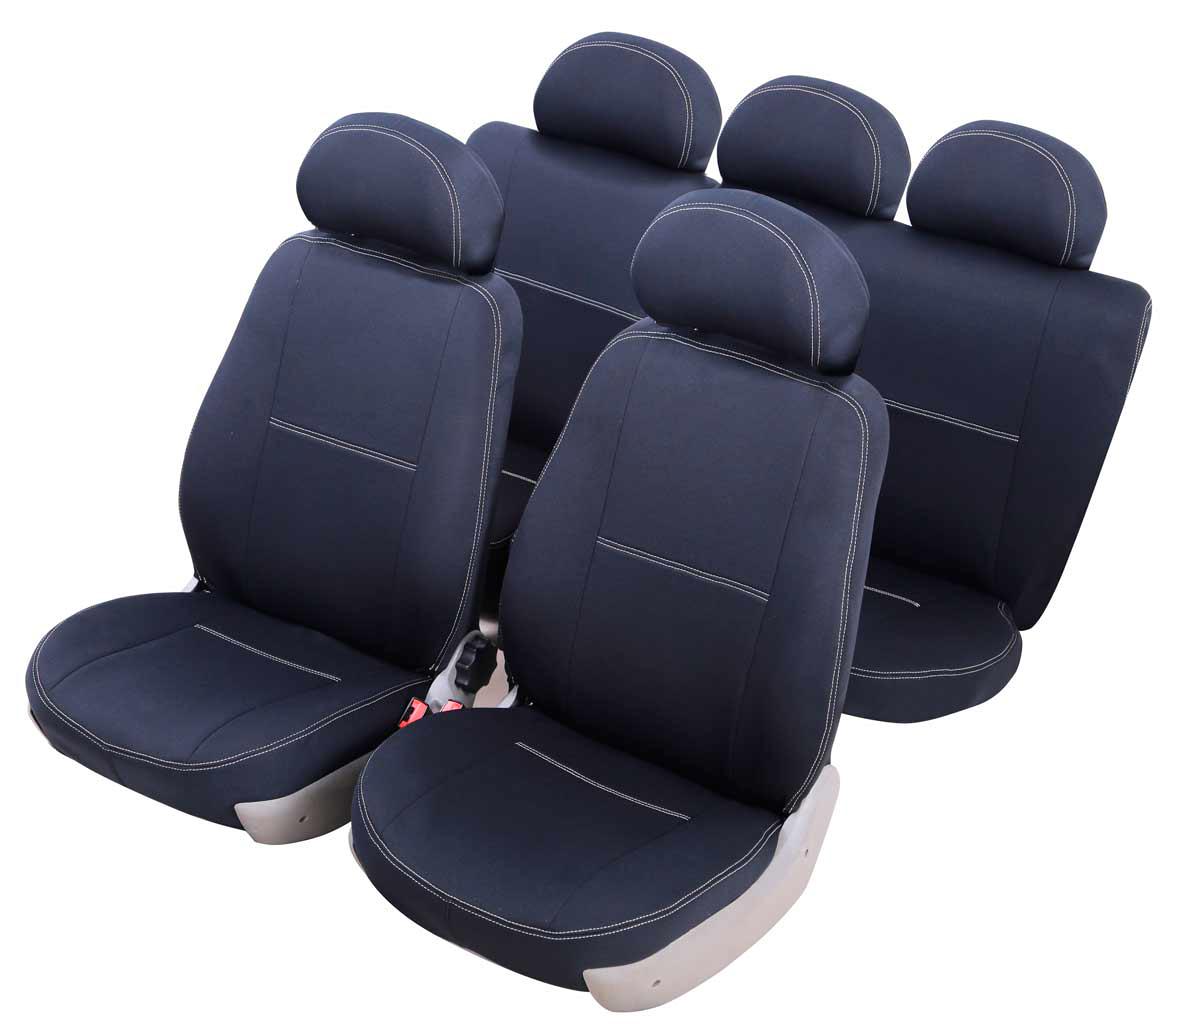 Чехлы на автокресло Azard Standard, для Hyundai Solaris (2010-н.в.), седан, раздельный задний ряд, цвет: черныйВетерок 2ГФМодельные чехлы из полиэстера Azard Standard. Разработаны в РФ индивидуально для каждого автомобиля.Чехлы Azard Standard серийно выпускаются на собственном швейном производстве в России.Чехлы идеально повторяют штатную форму сидений и выглядят как оригинальная обивка сидений. Для простоты установки используется липучка Velcro, учтены все технологические отверстия.Чехлы сохраняют полную функциональность салона – трансформация сидений, возможность установки детских кресел ISOFIX, не препятствуют работе подушек безопасности AIRBAG и подогрева сидений.Дизайн чехлов Azard Standard приближен к оригинальной обивке салона. Декоративная контрастная прострочка по периметру авточехлов придает стильный и изысканный внешний вид интерьеру автомобиля.Чехлы Azard Standard изготовлены из полиэстера, триплированного огнеупорным поролоном толщиной 3 мм, за счет чего чехол приобретает дополнительную мягкость. Подложка из спандбонда сохраняет свойства поролона и предотвращает его разрушение.Авточехлы Azard Standard просты в уходе – загрязнения легко удаляются влажной тканью.